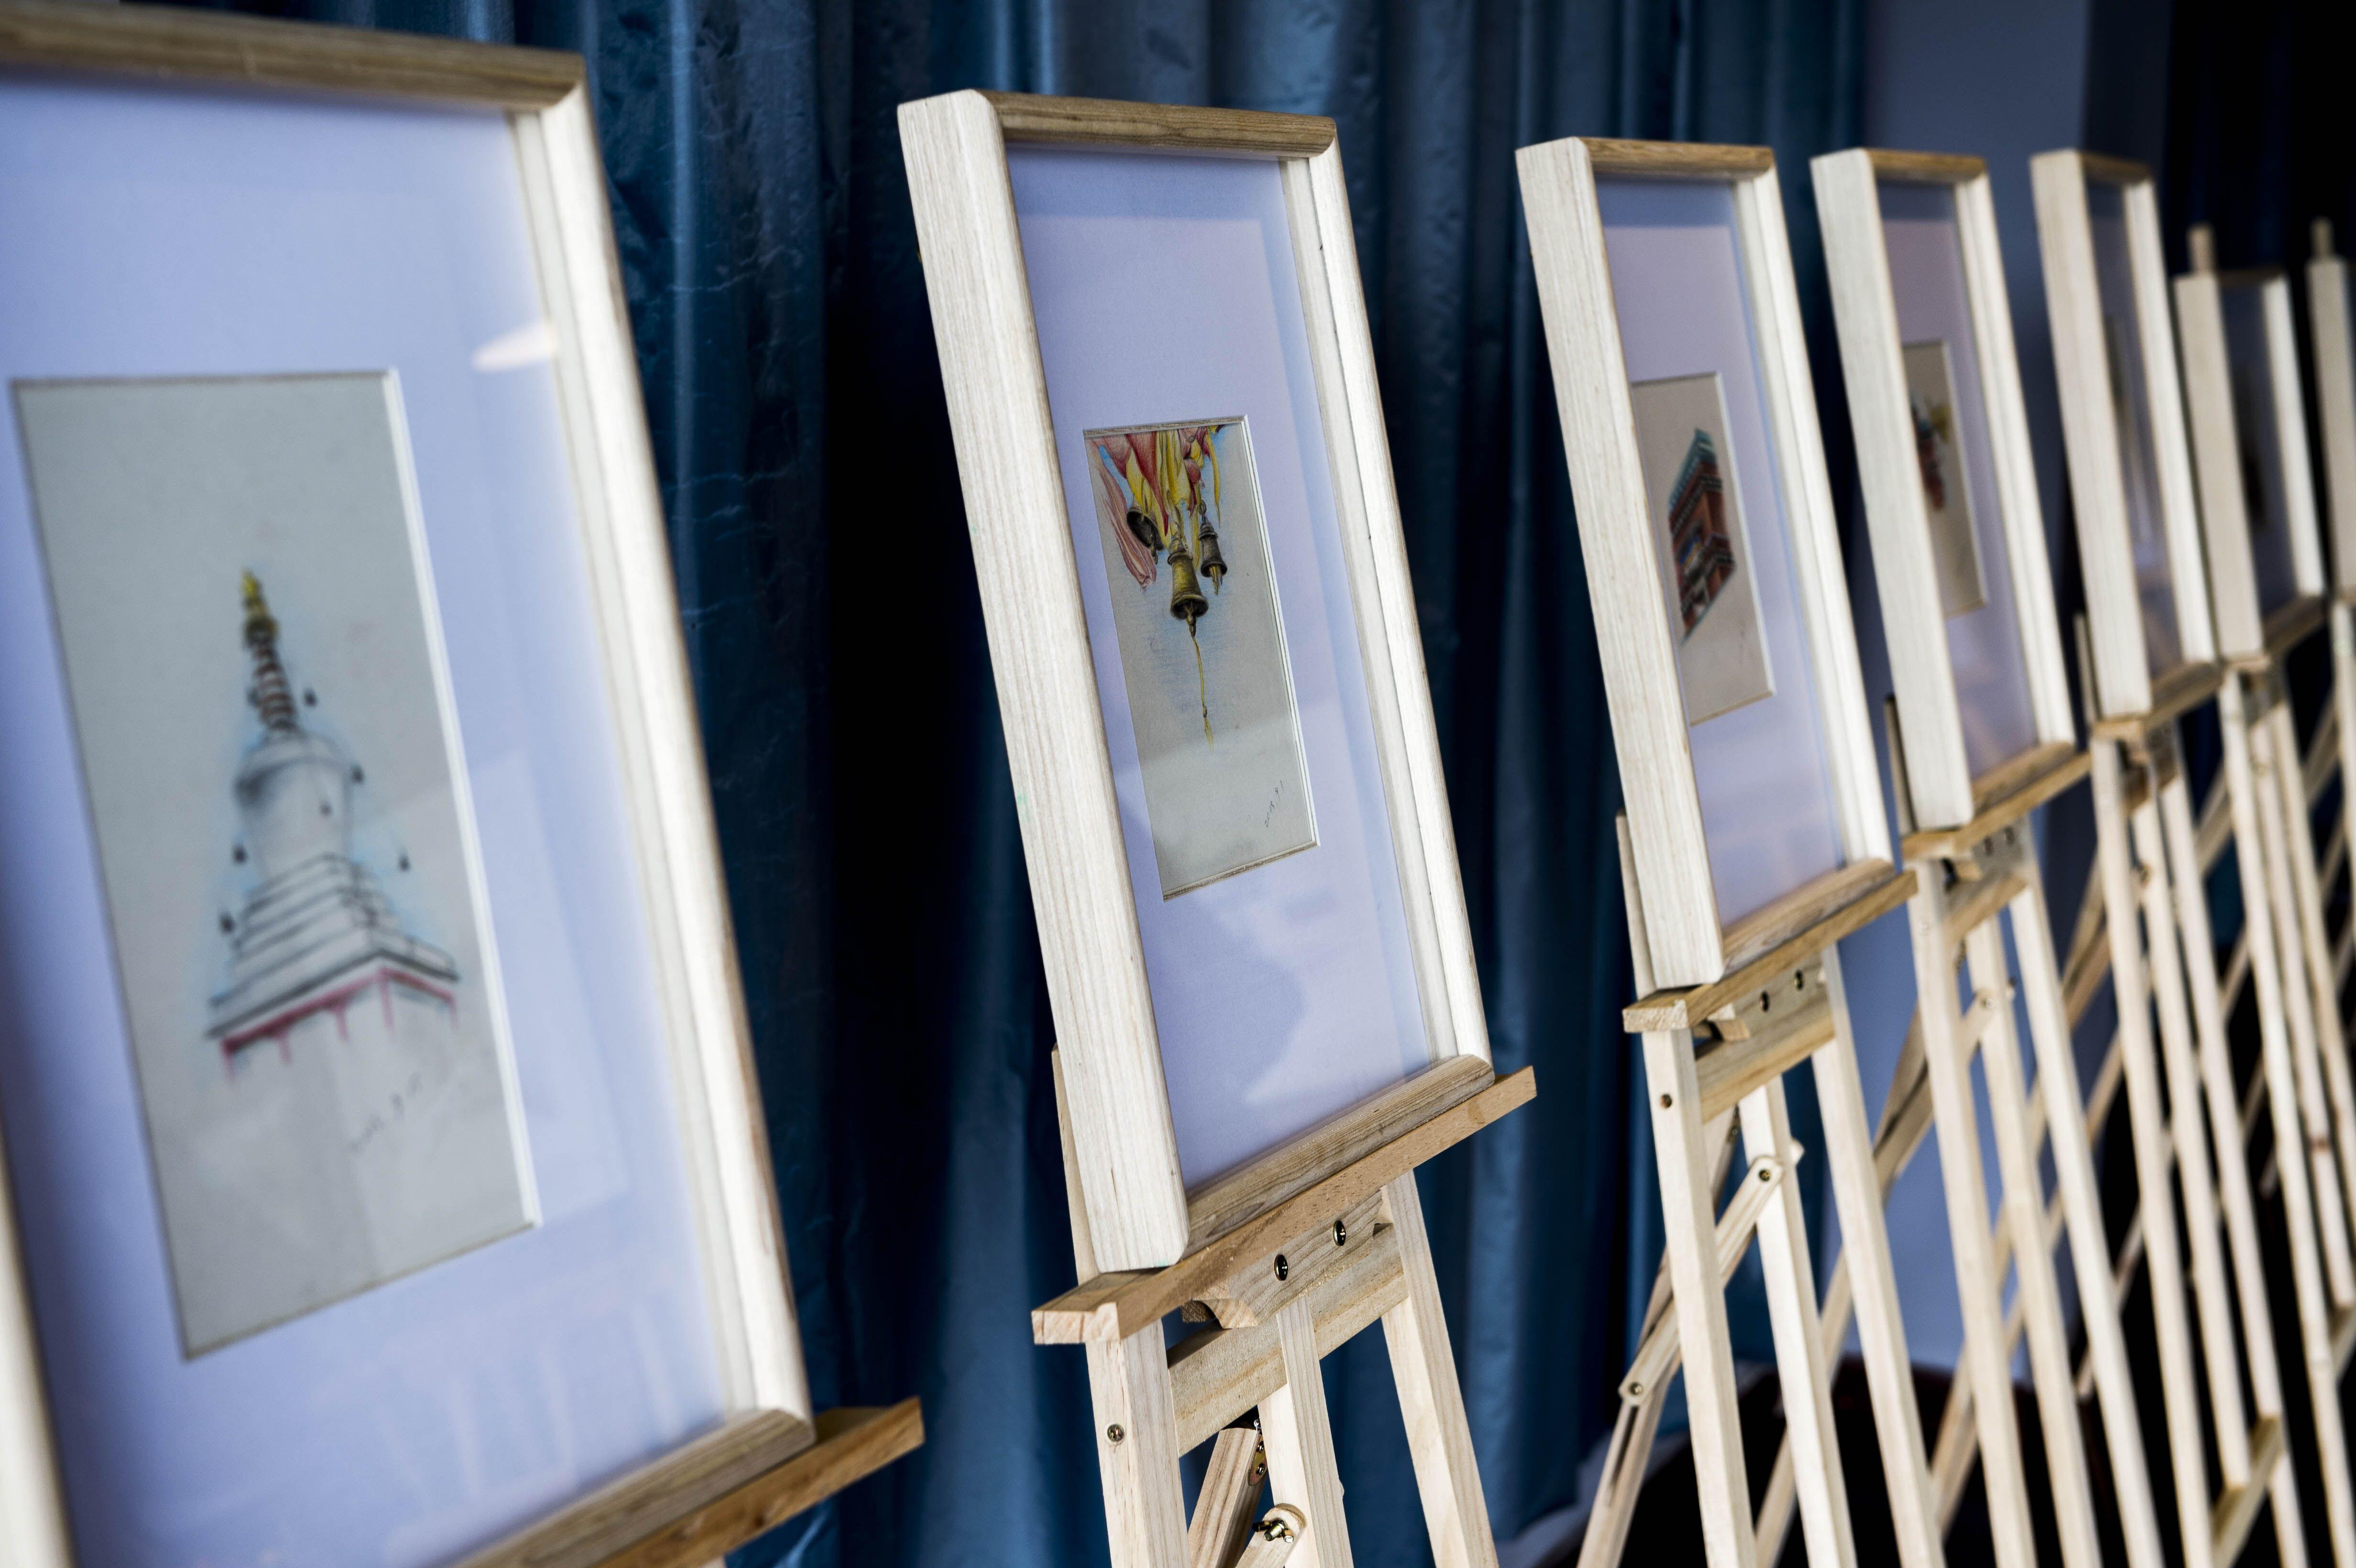 仲格吉手绘明信片原稿画展在拉萨举行